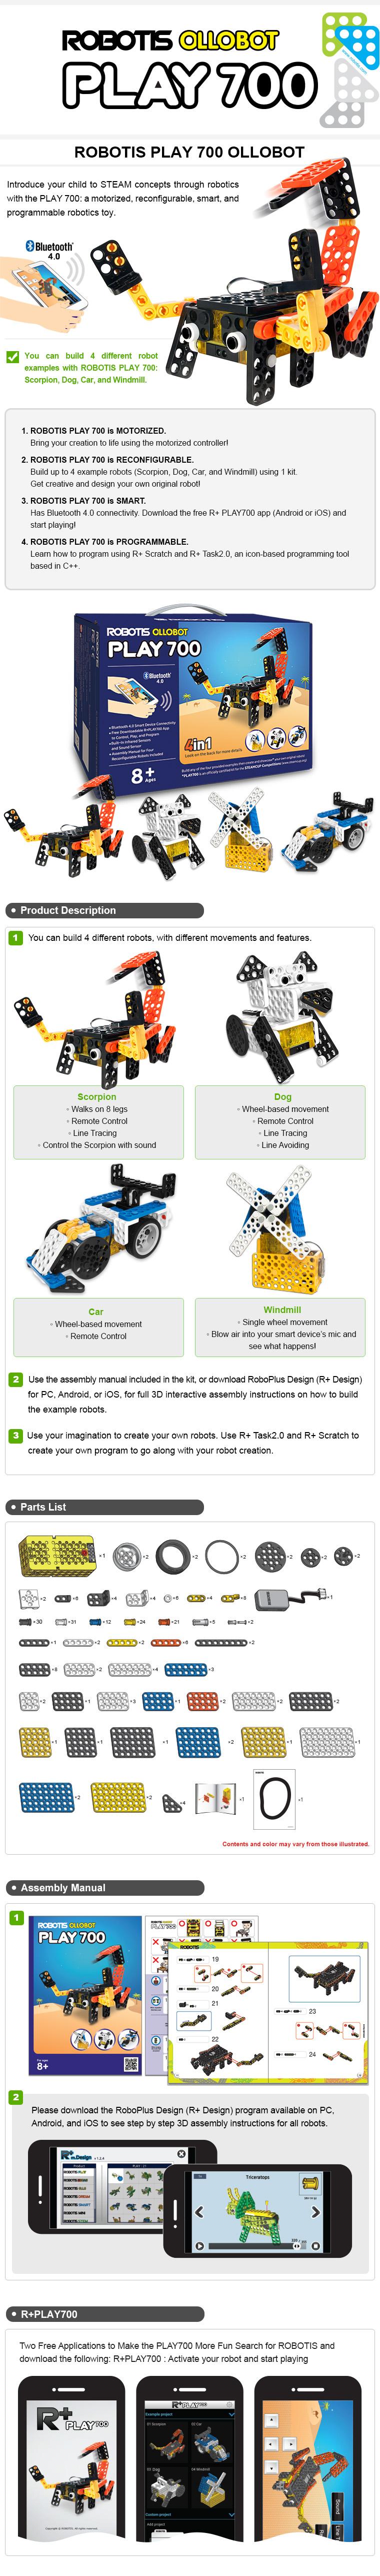 robotis-play700-ollobot-info-en-ver1702.jpg